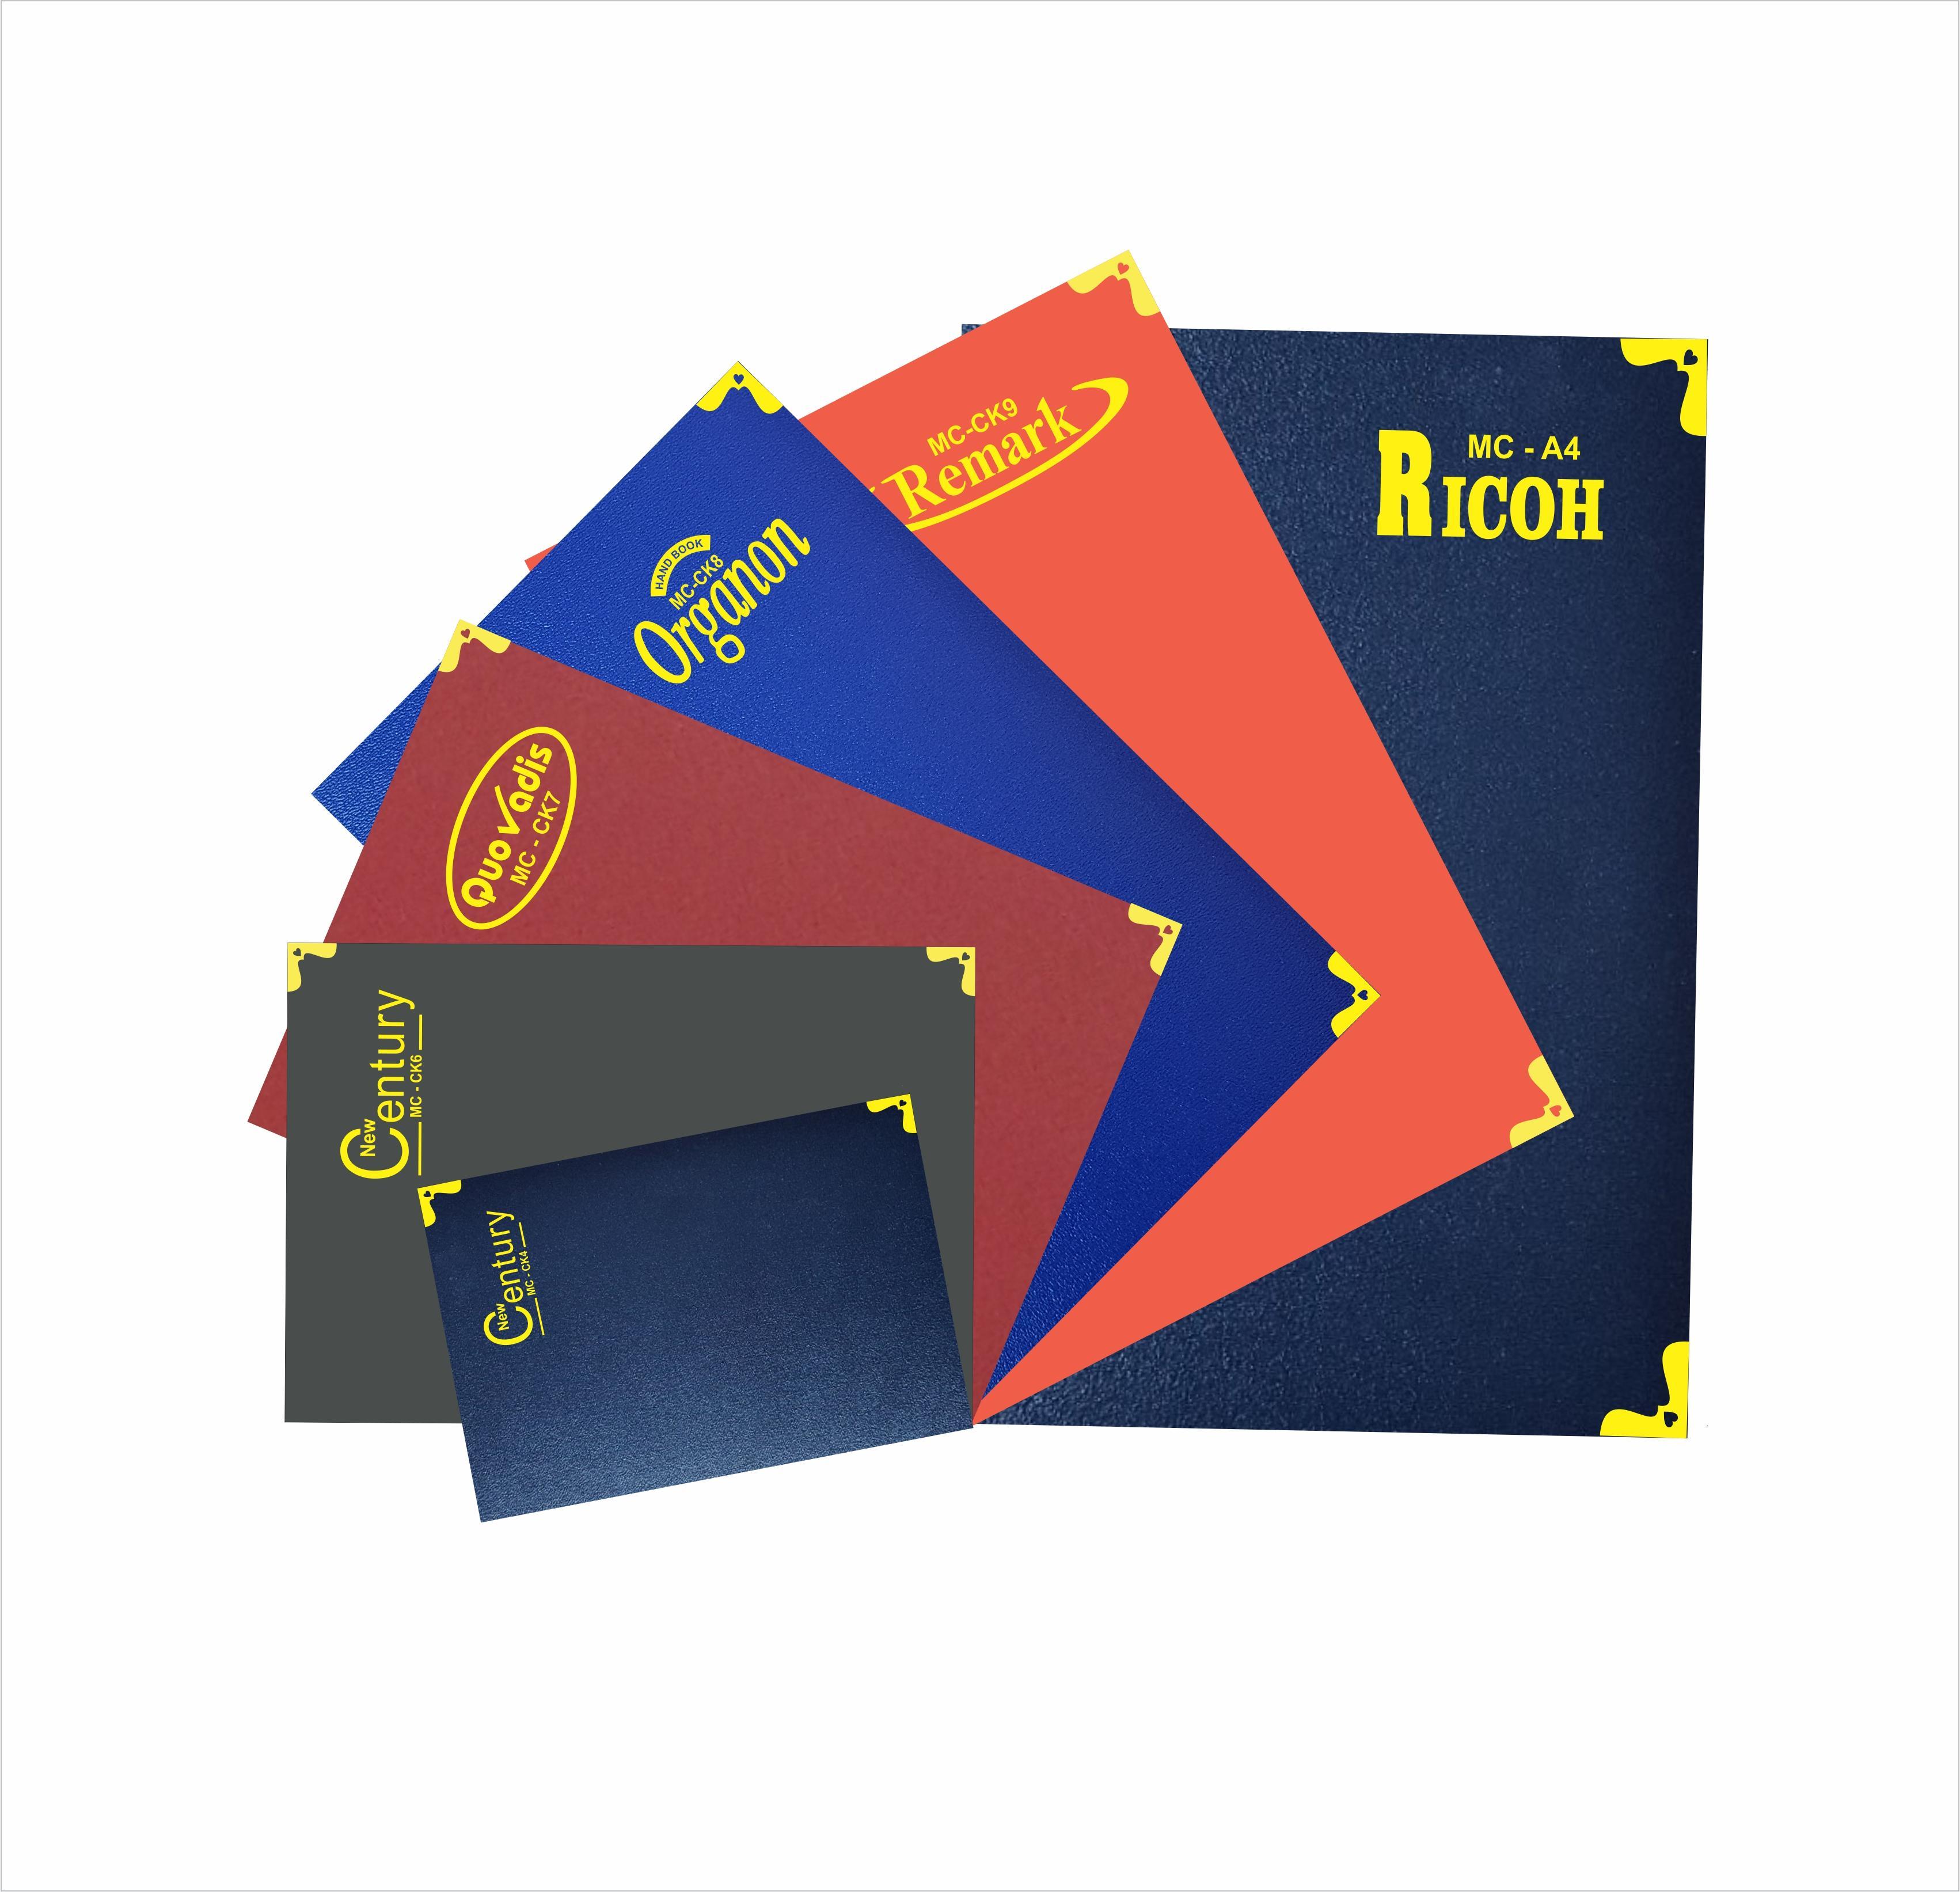 Sổ bìa da có nẹp góc đồng, màu sắc đa dạng CK4-6-7-8-9, A4.